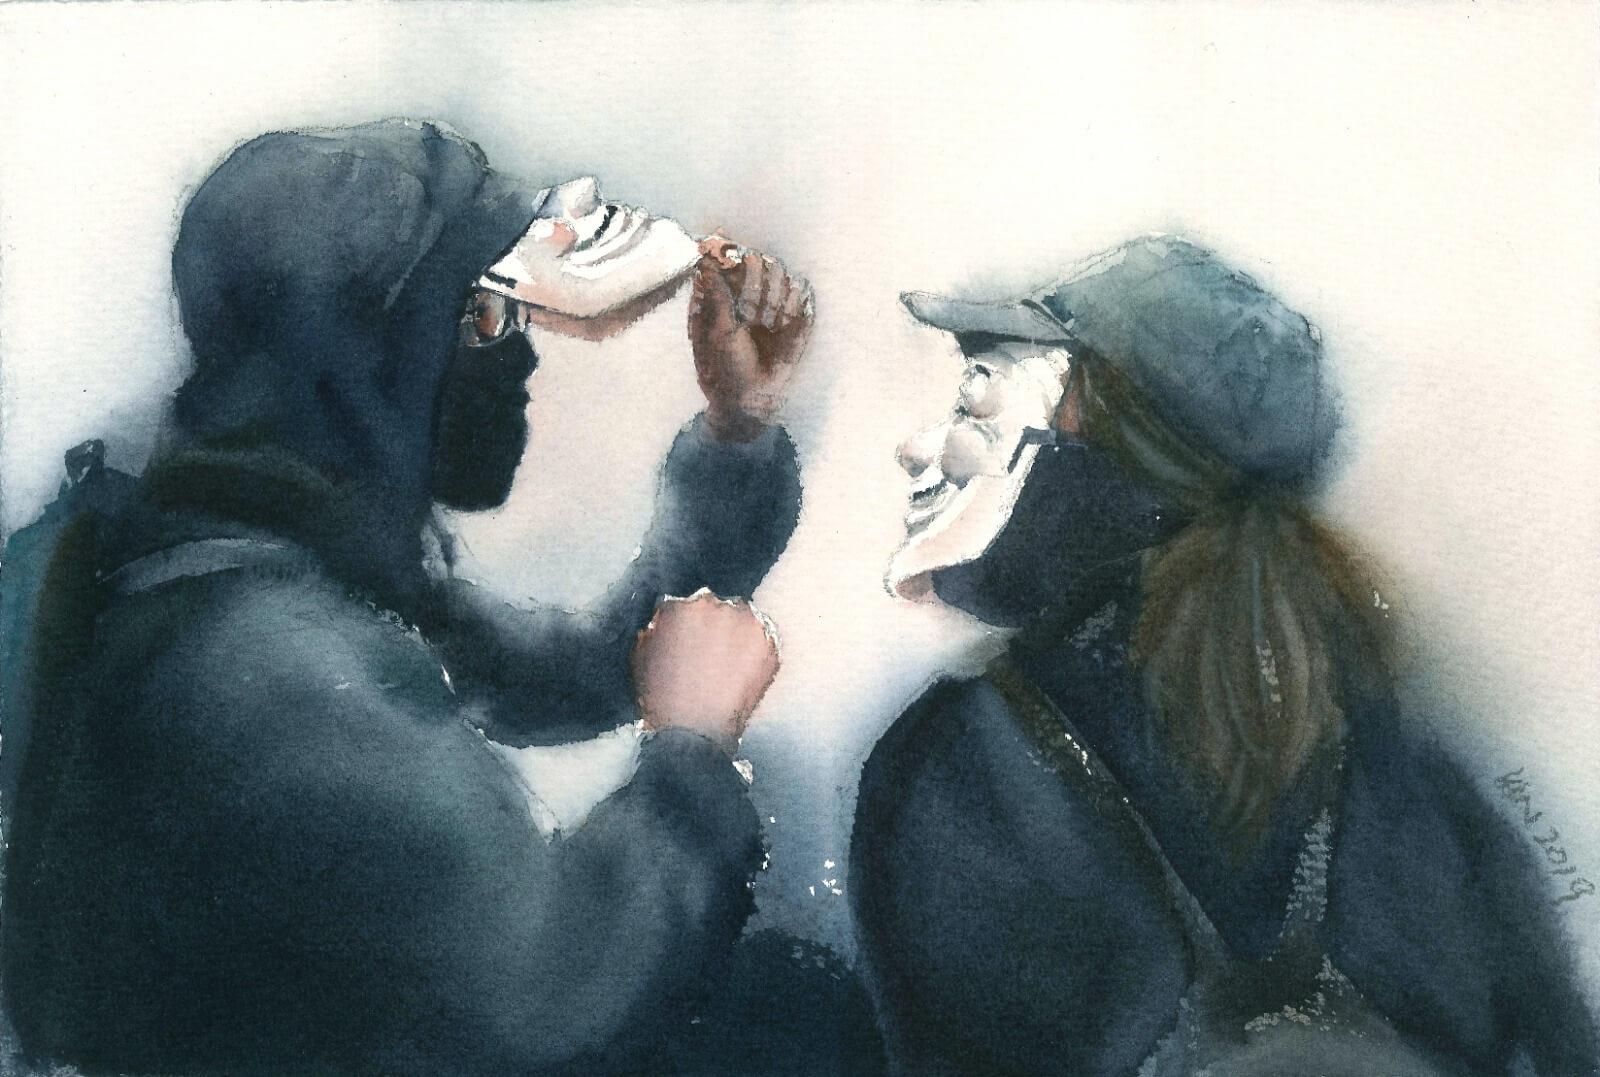 一對情侶除下面具之後,底下還有一層口罩,是蒙面法生效之後的作品。